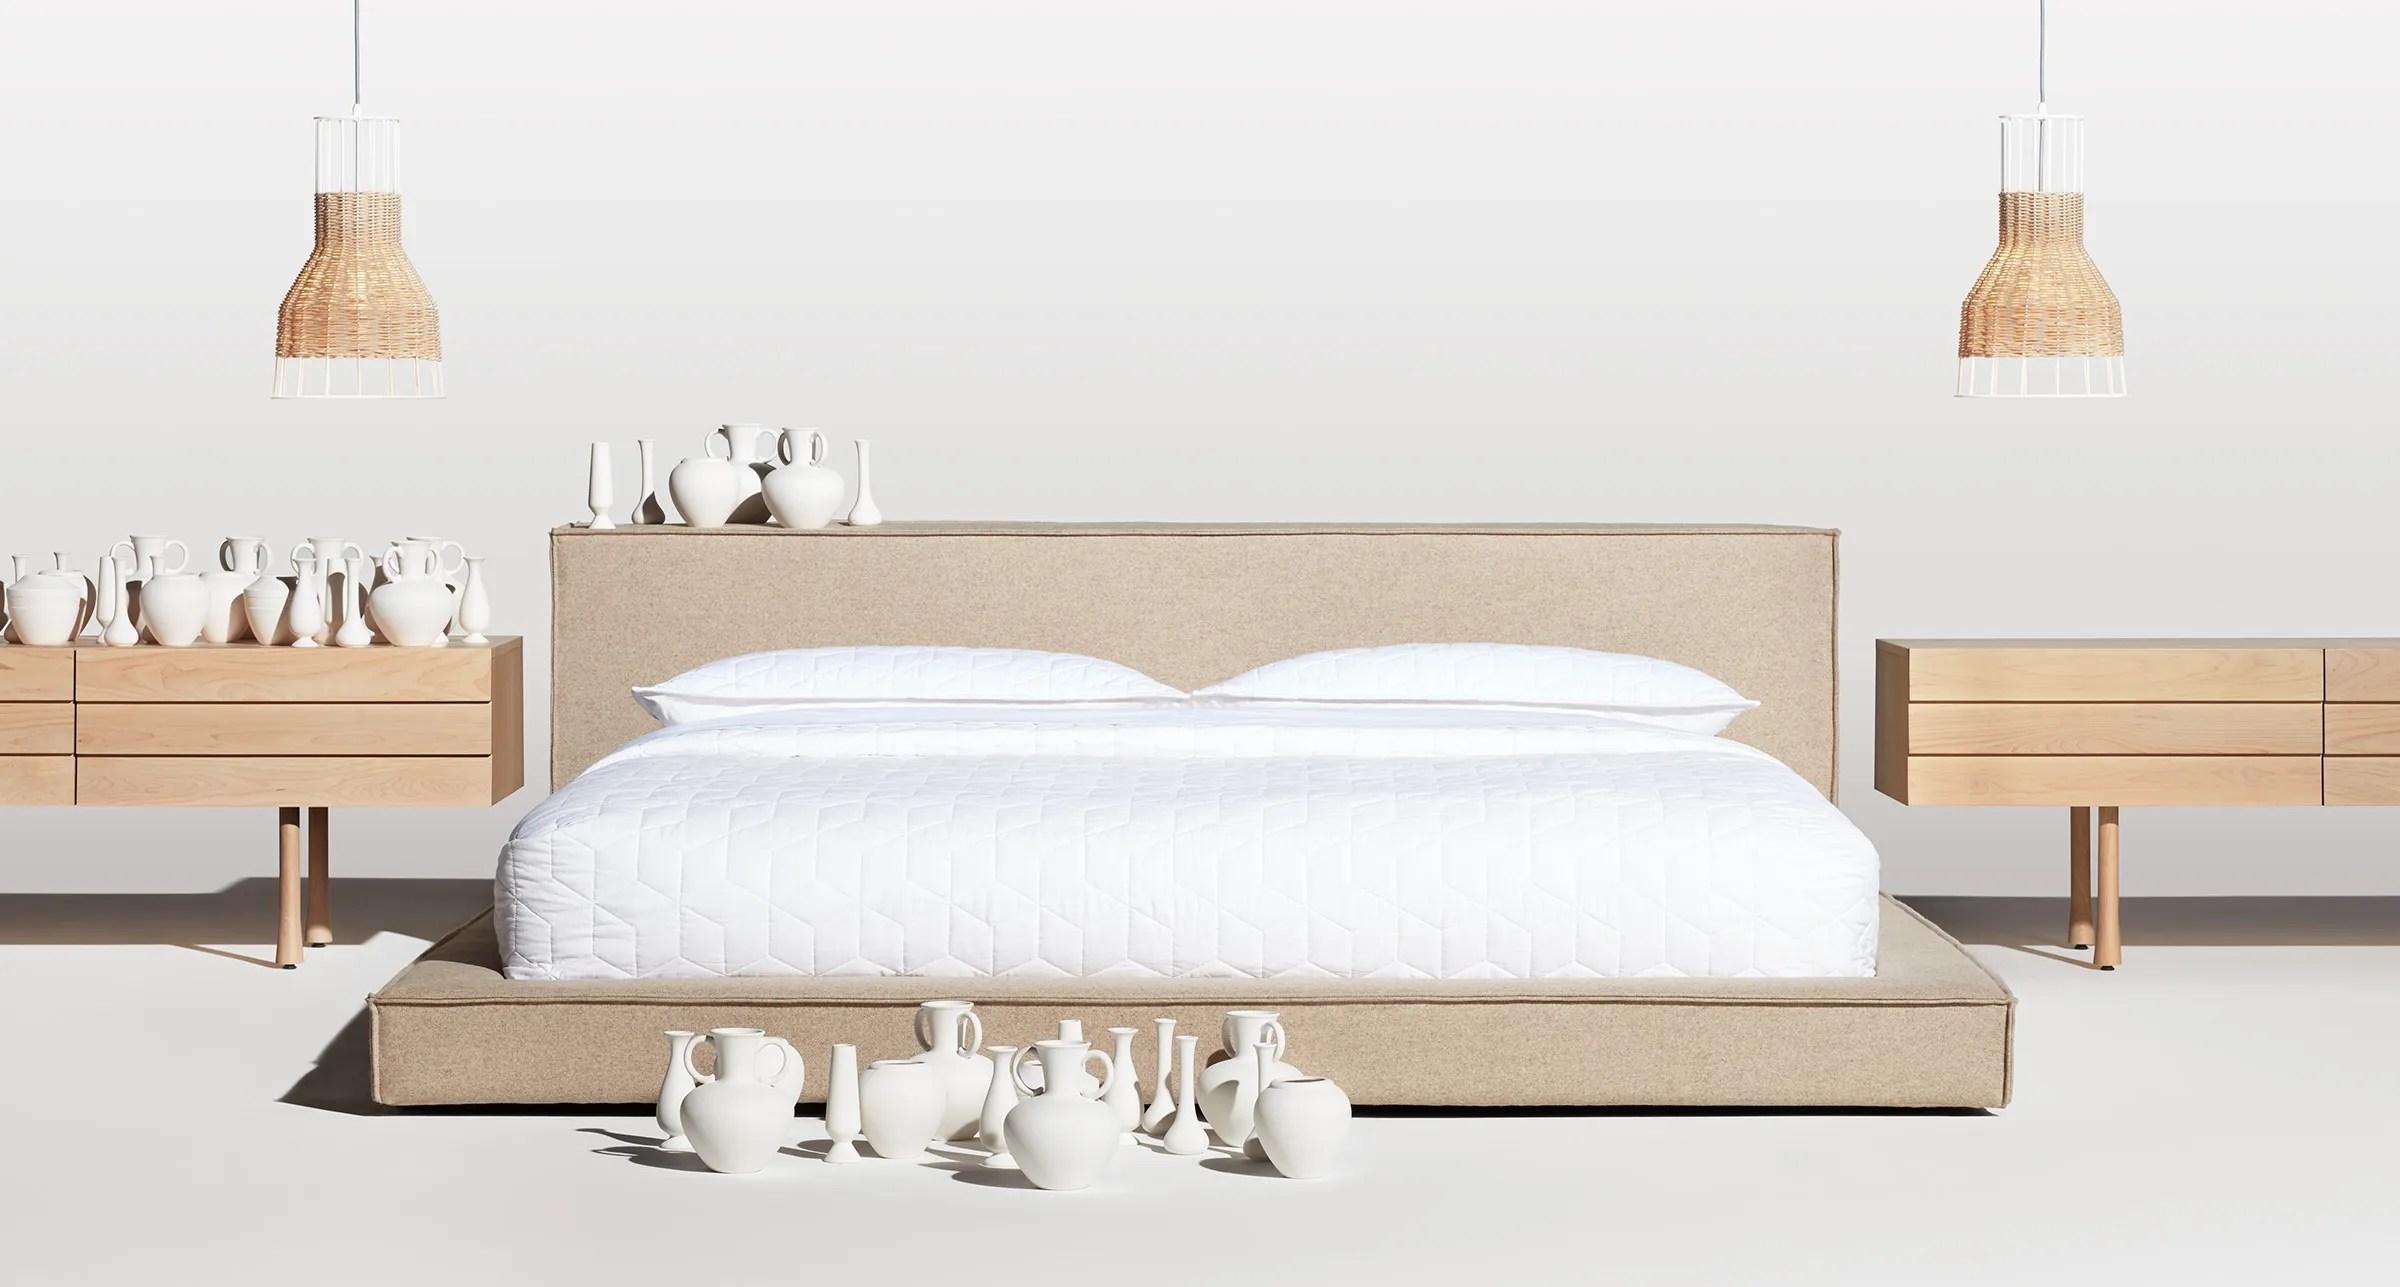 Inspirational Dodu Queen Bed Dodu Queen Bed Queen Platform Bed Blu Dot California King Vs Queen Bed King Or Queen Bed Better houzz 01 King Vs Queen Bed